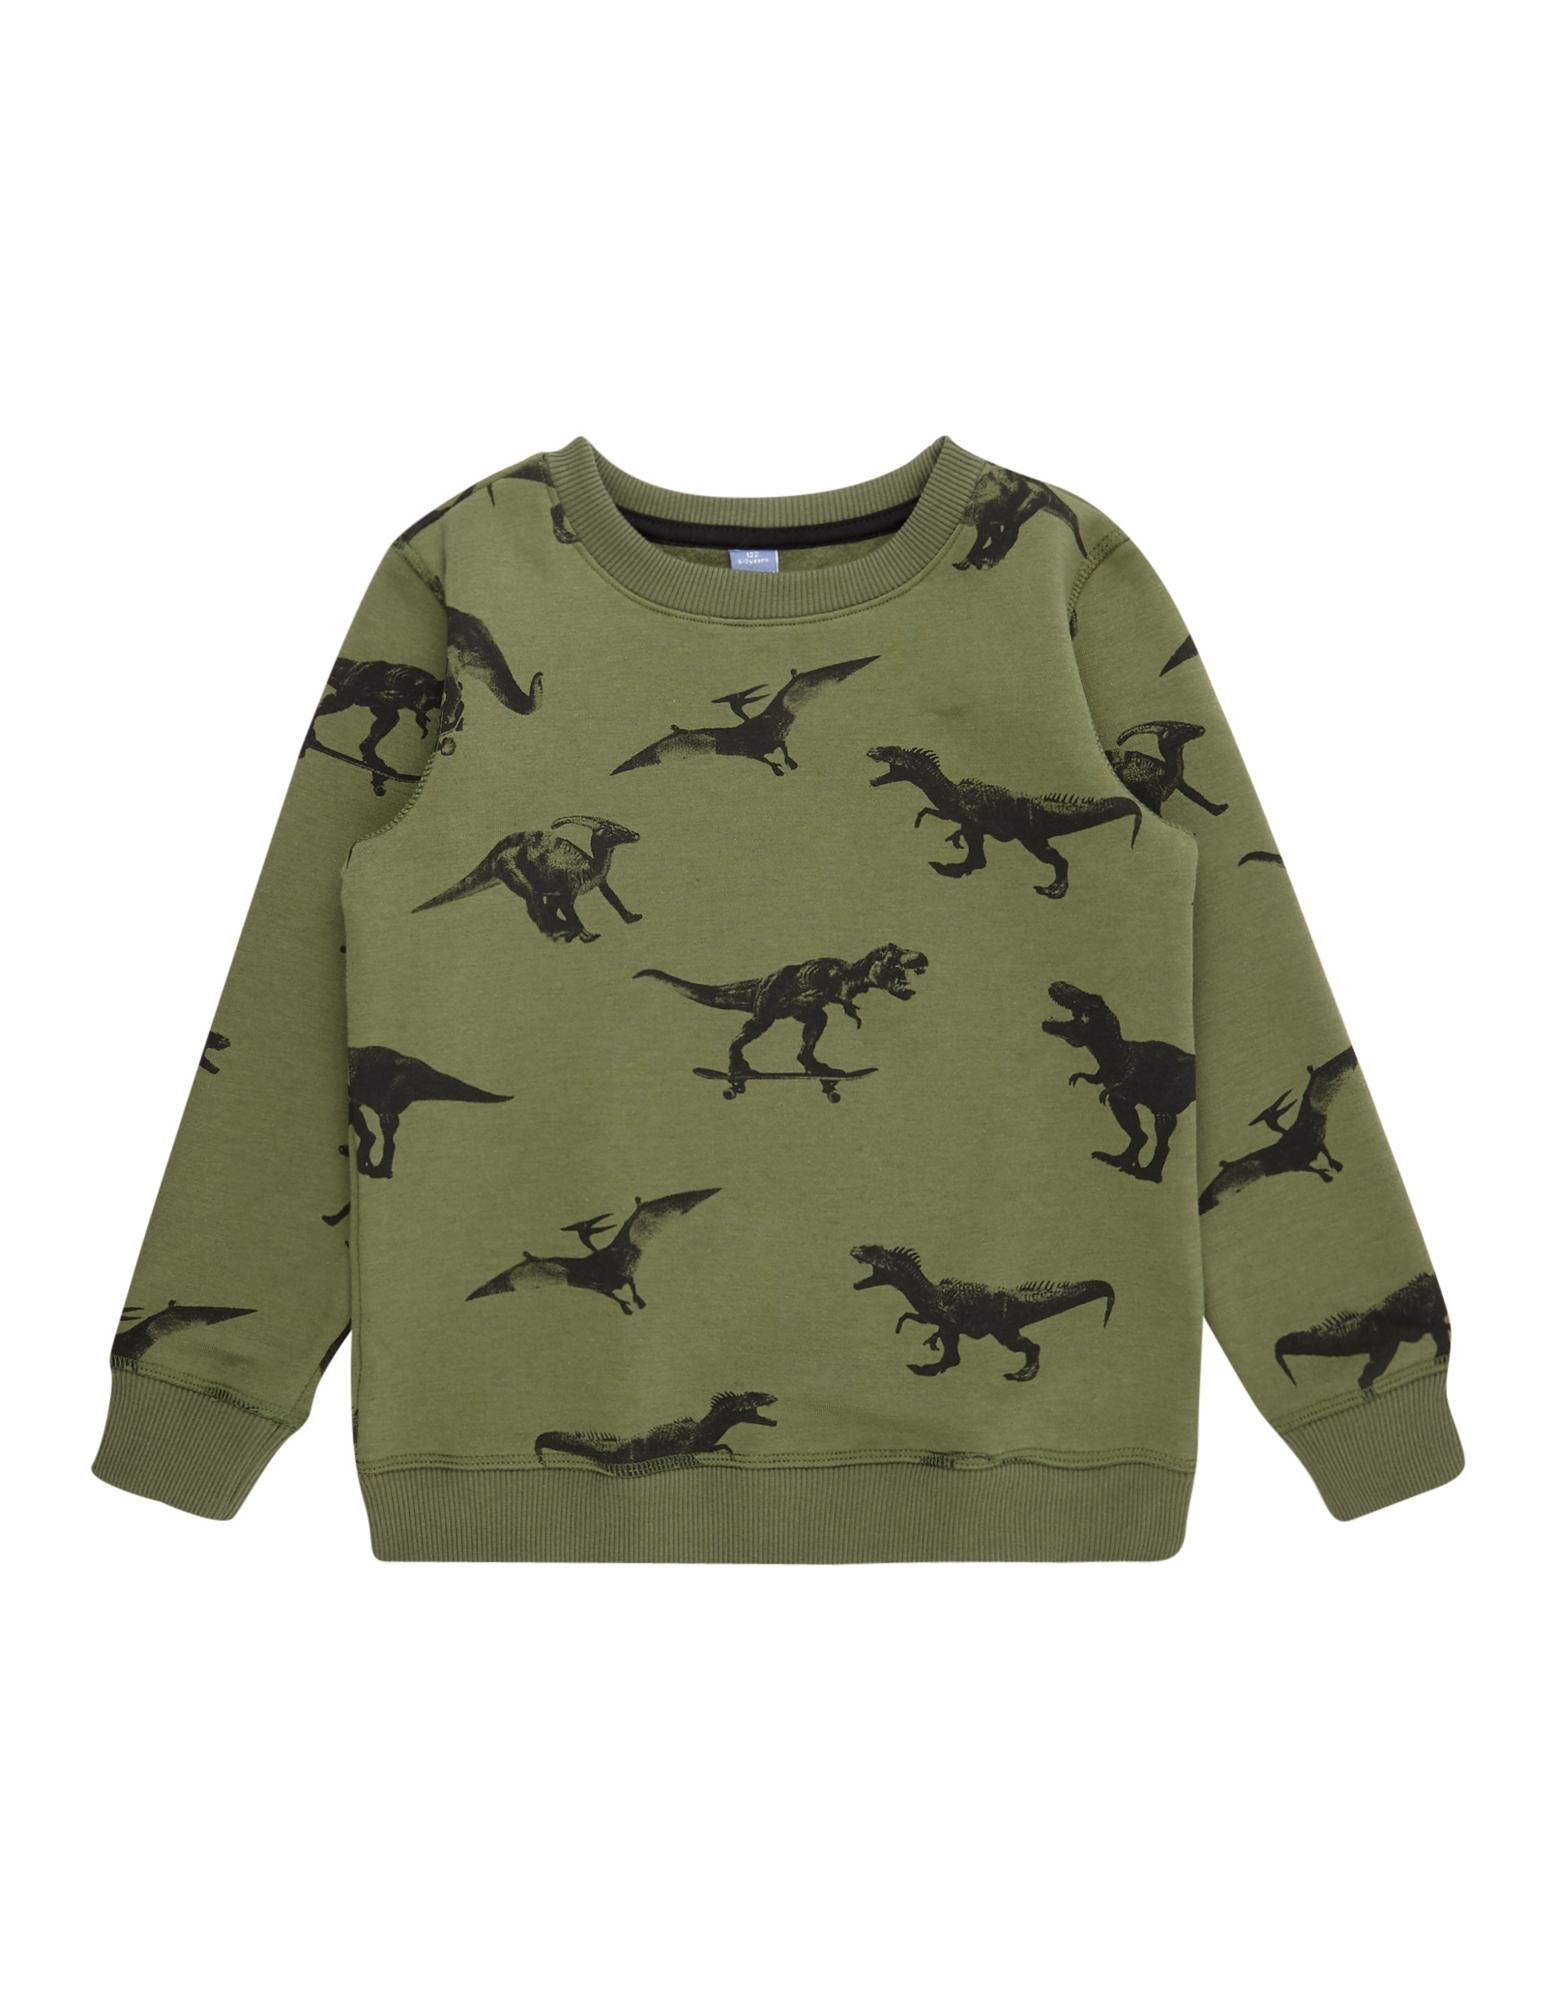 Jungen Pullover mit Dino-Prints  | 81481191980503